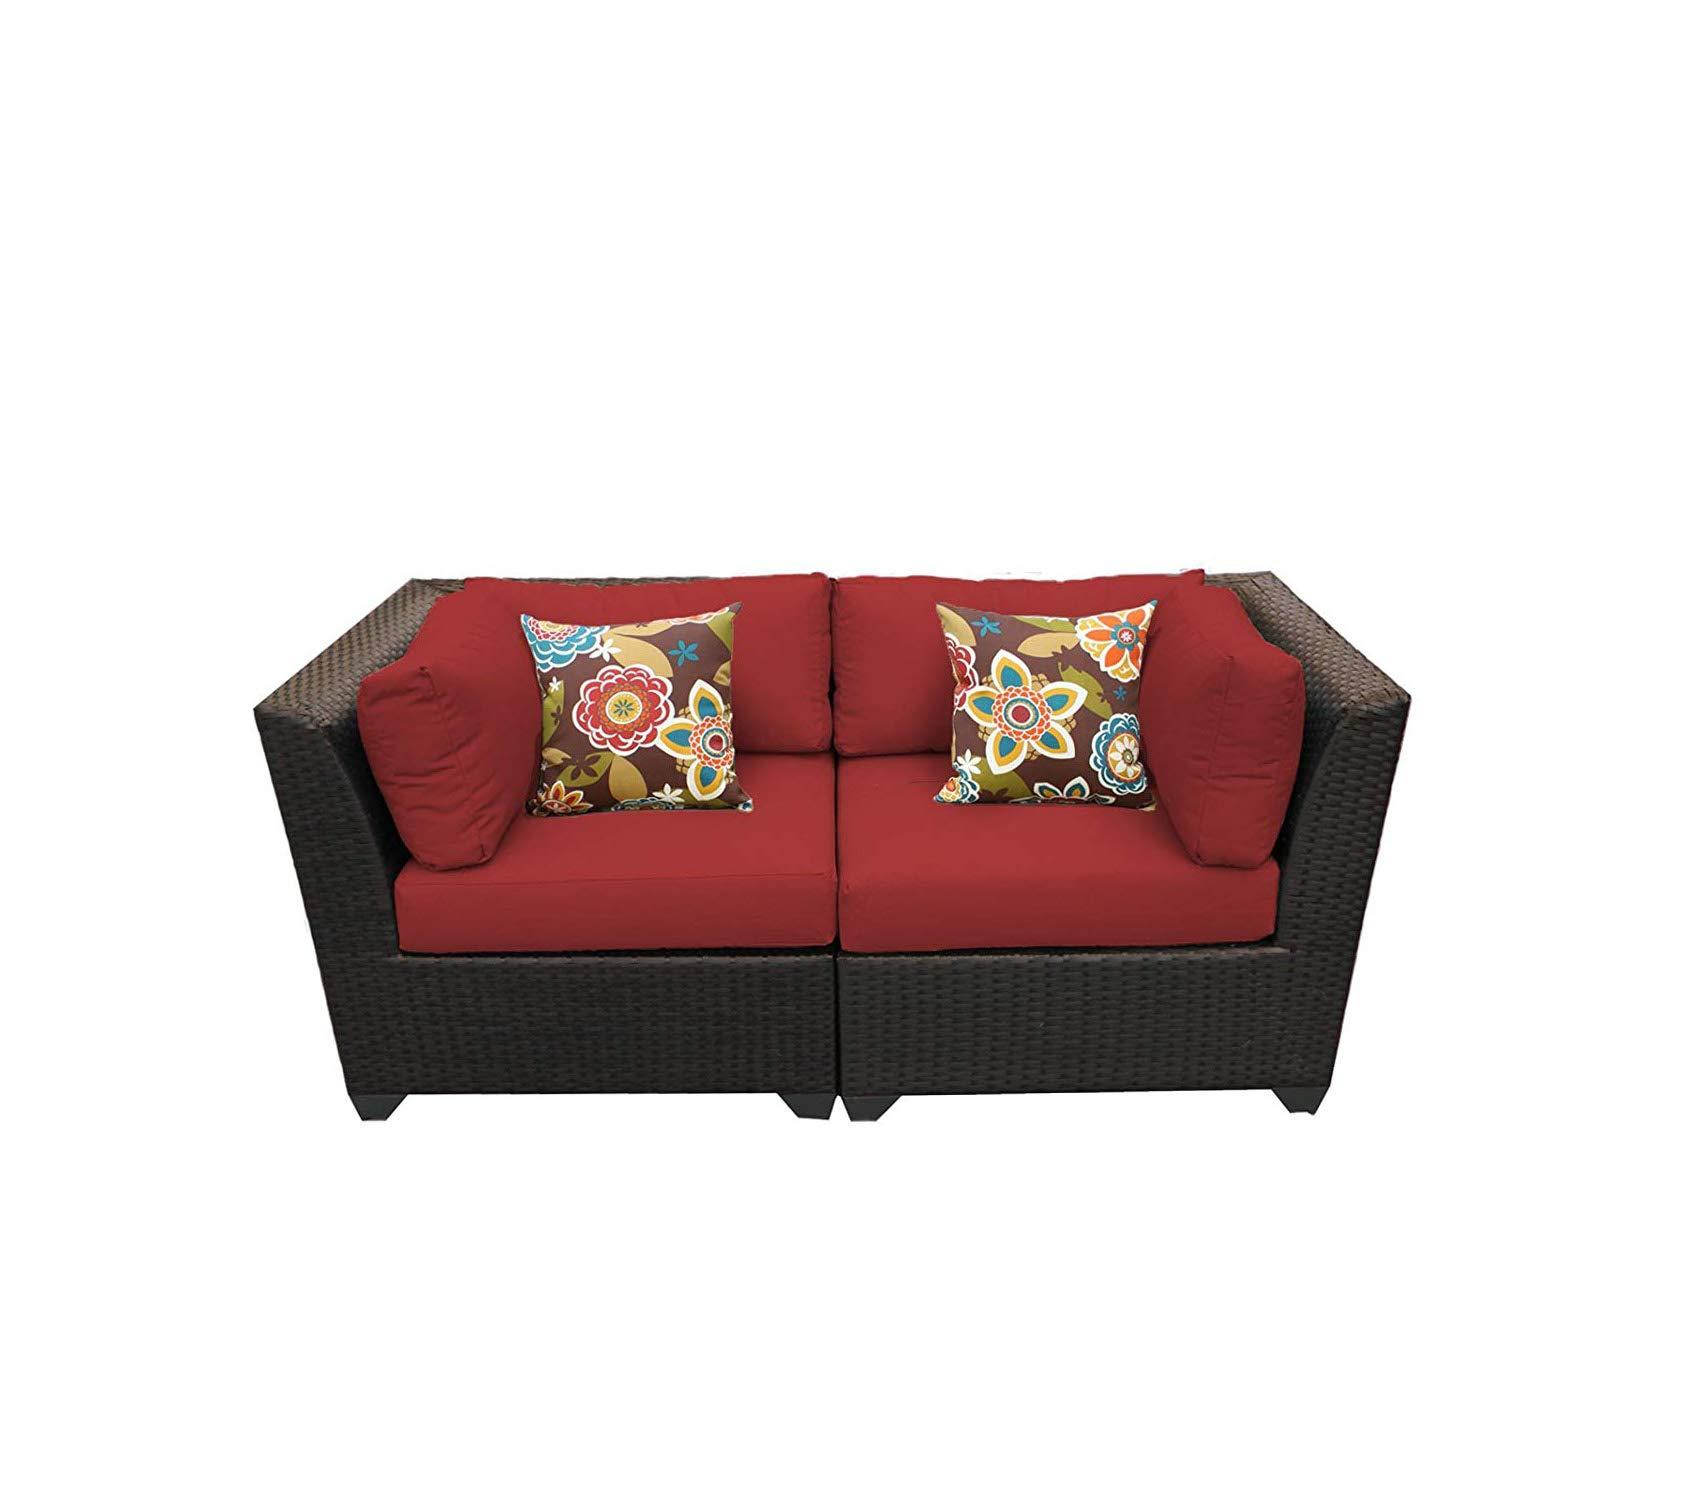 Terra Cotta Colored Patio Chair Cushion Chair Pads